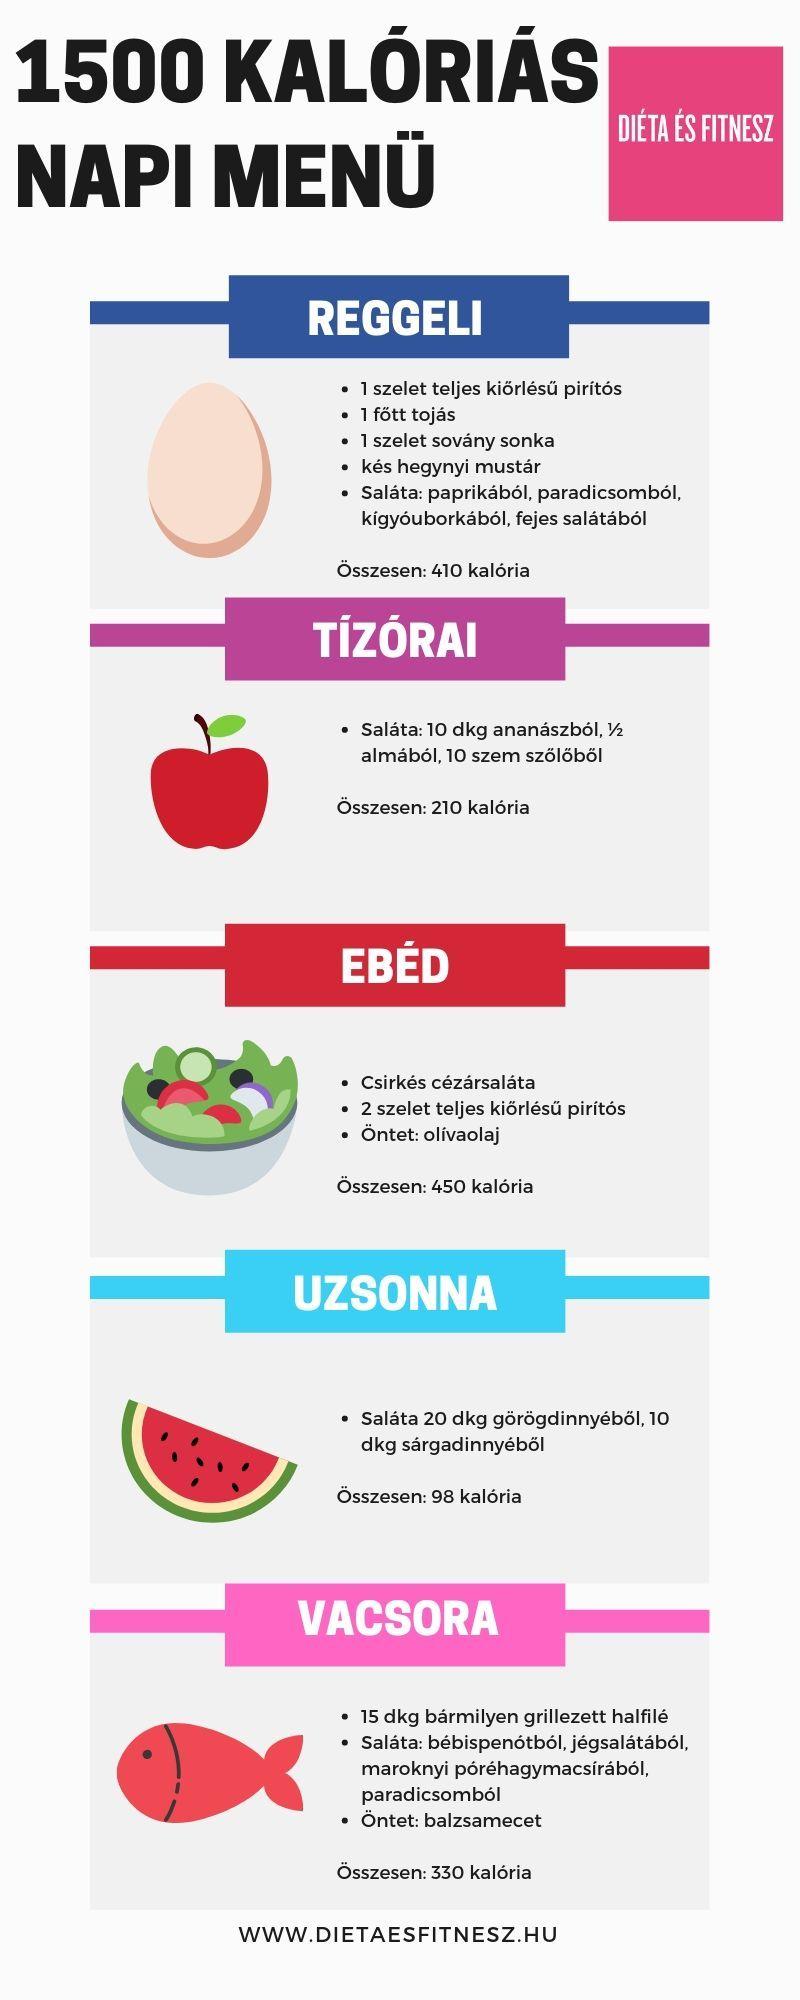 Így lesz sikeres diétád: tartós fogyás 7 egyszerű lépésben | abisa.hu